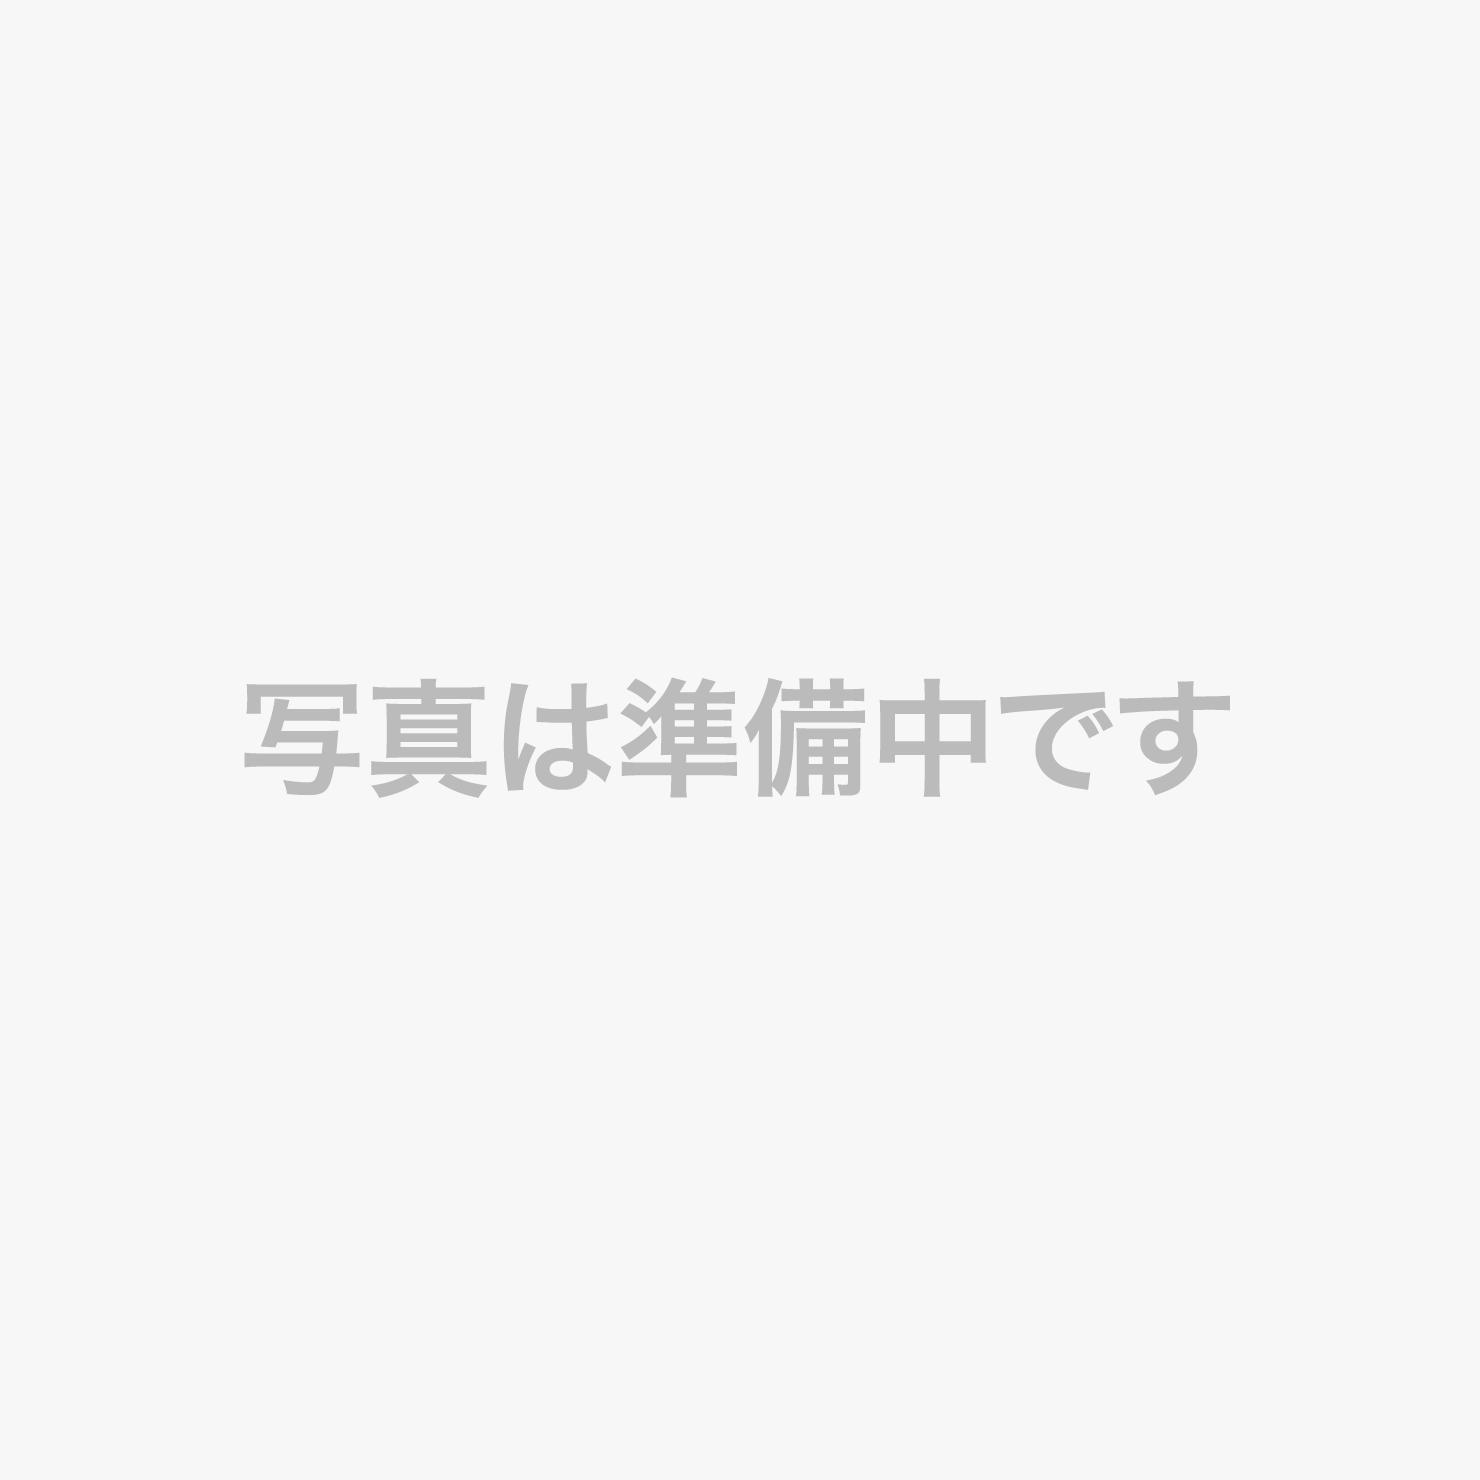 塩釜みなとまつり(写真提供:宮城県観光課)